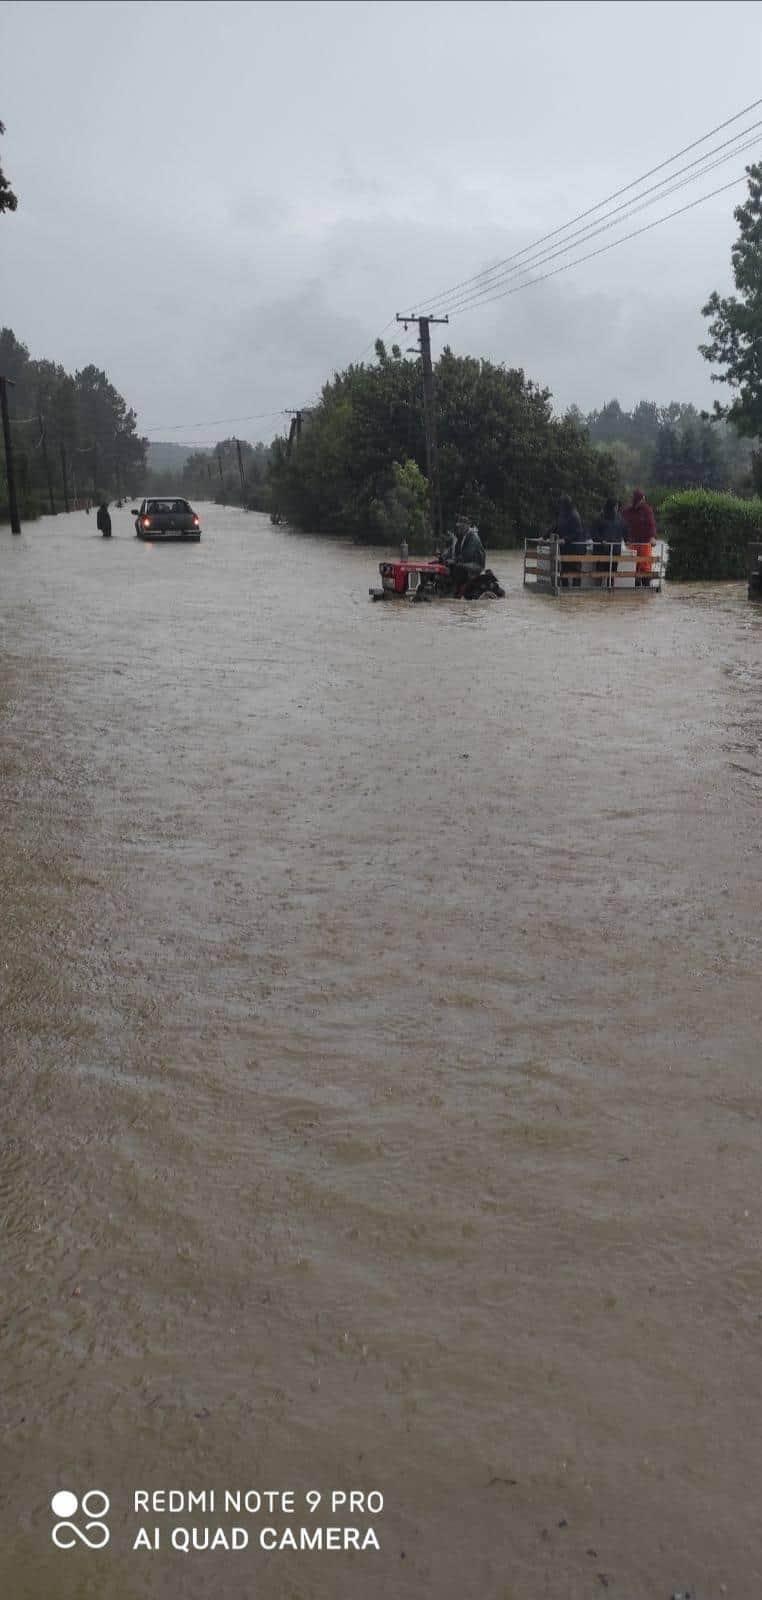 Komoly problémát okoz a rengeteg eső, több délnyugati járás került víz alá! 2